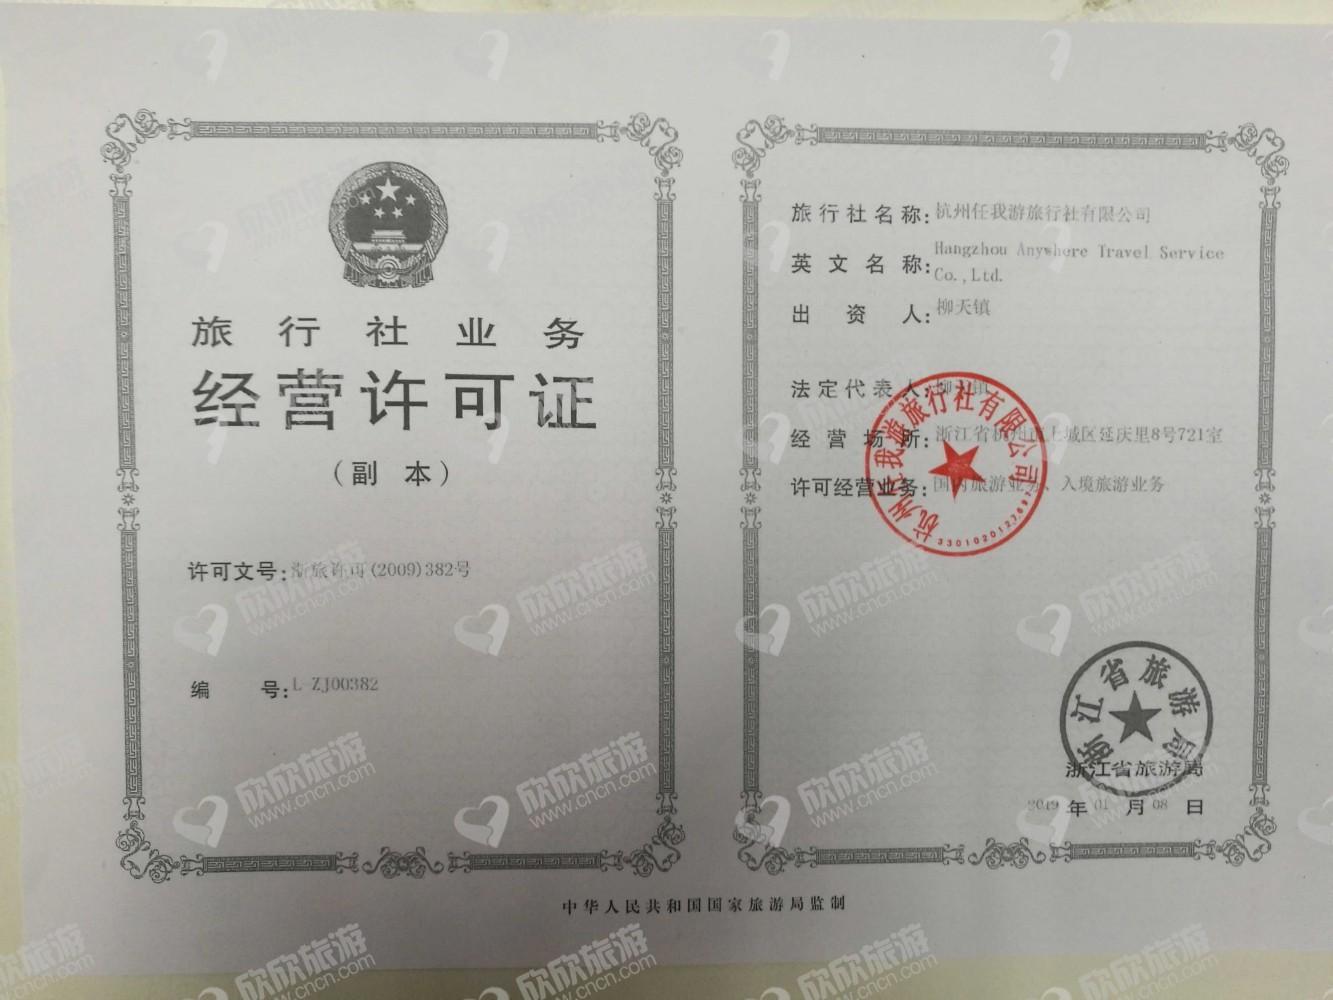 杭州任我游旅行社有限公司经营许可证